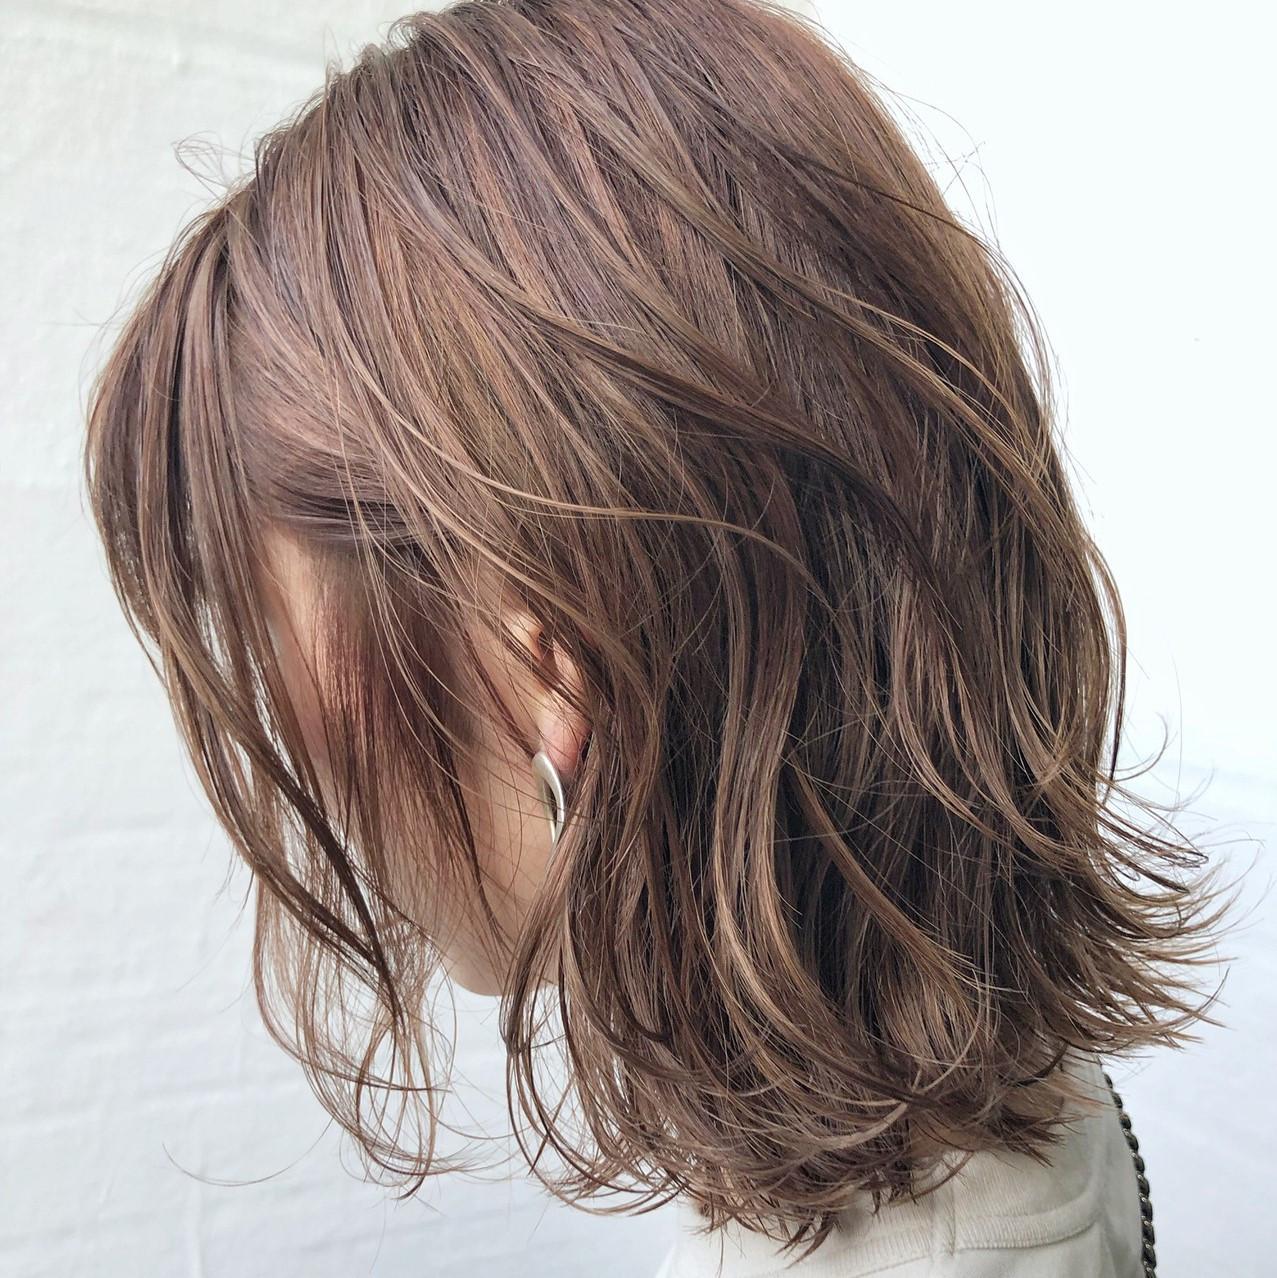 食べたくなる髪色!?女の子が惹きつけられる「秋の味覚ヘアカタ」